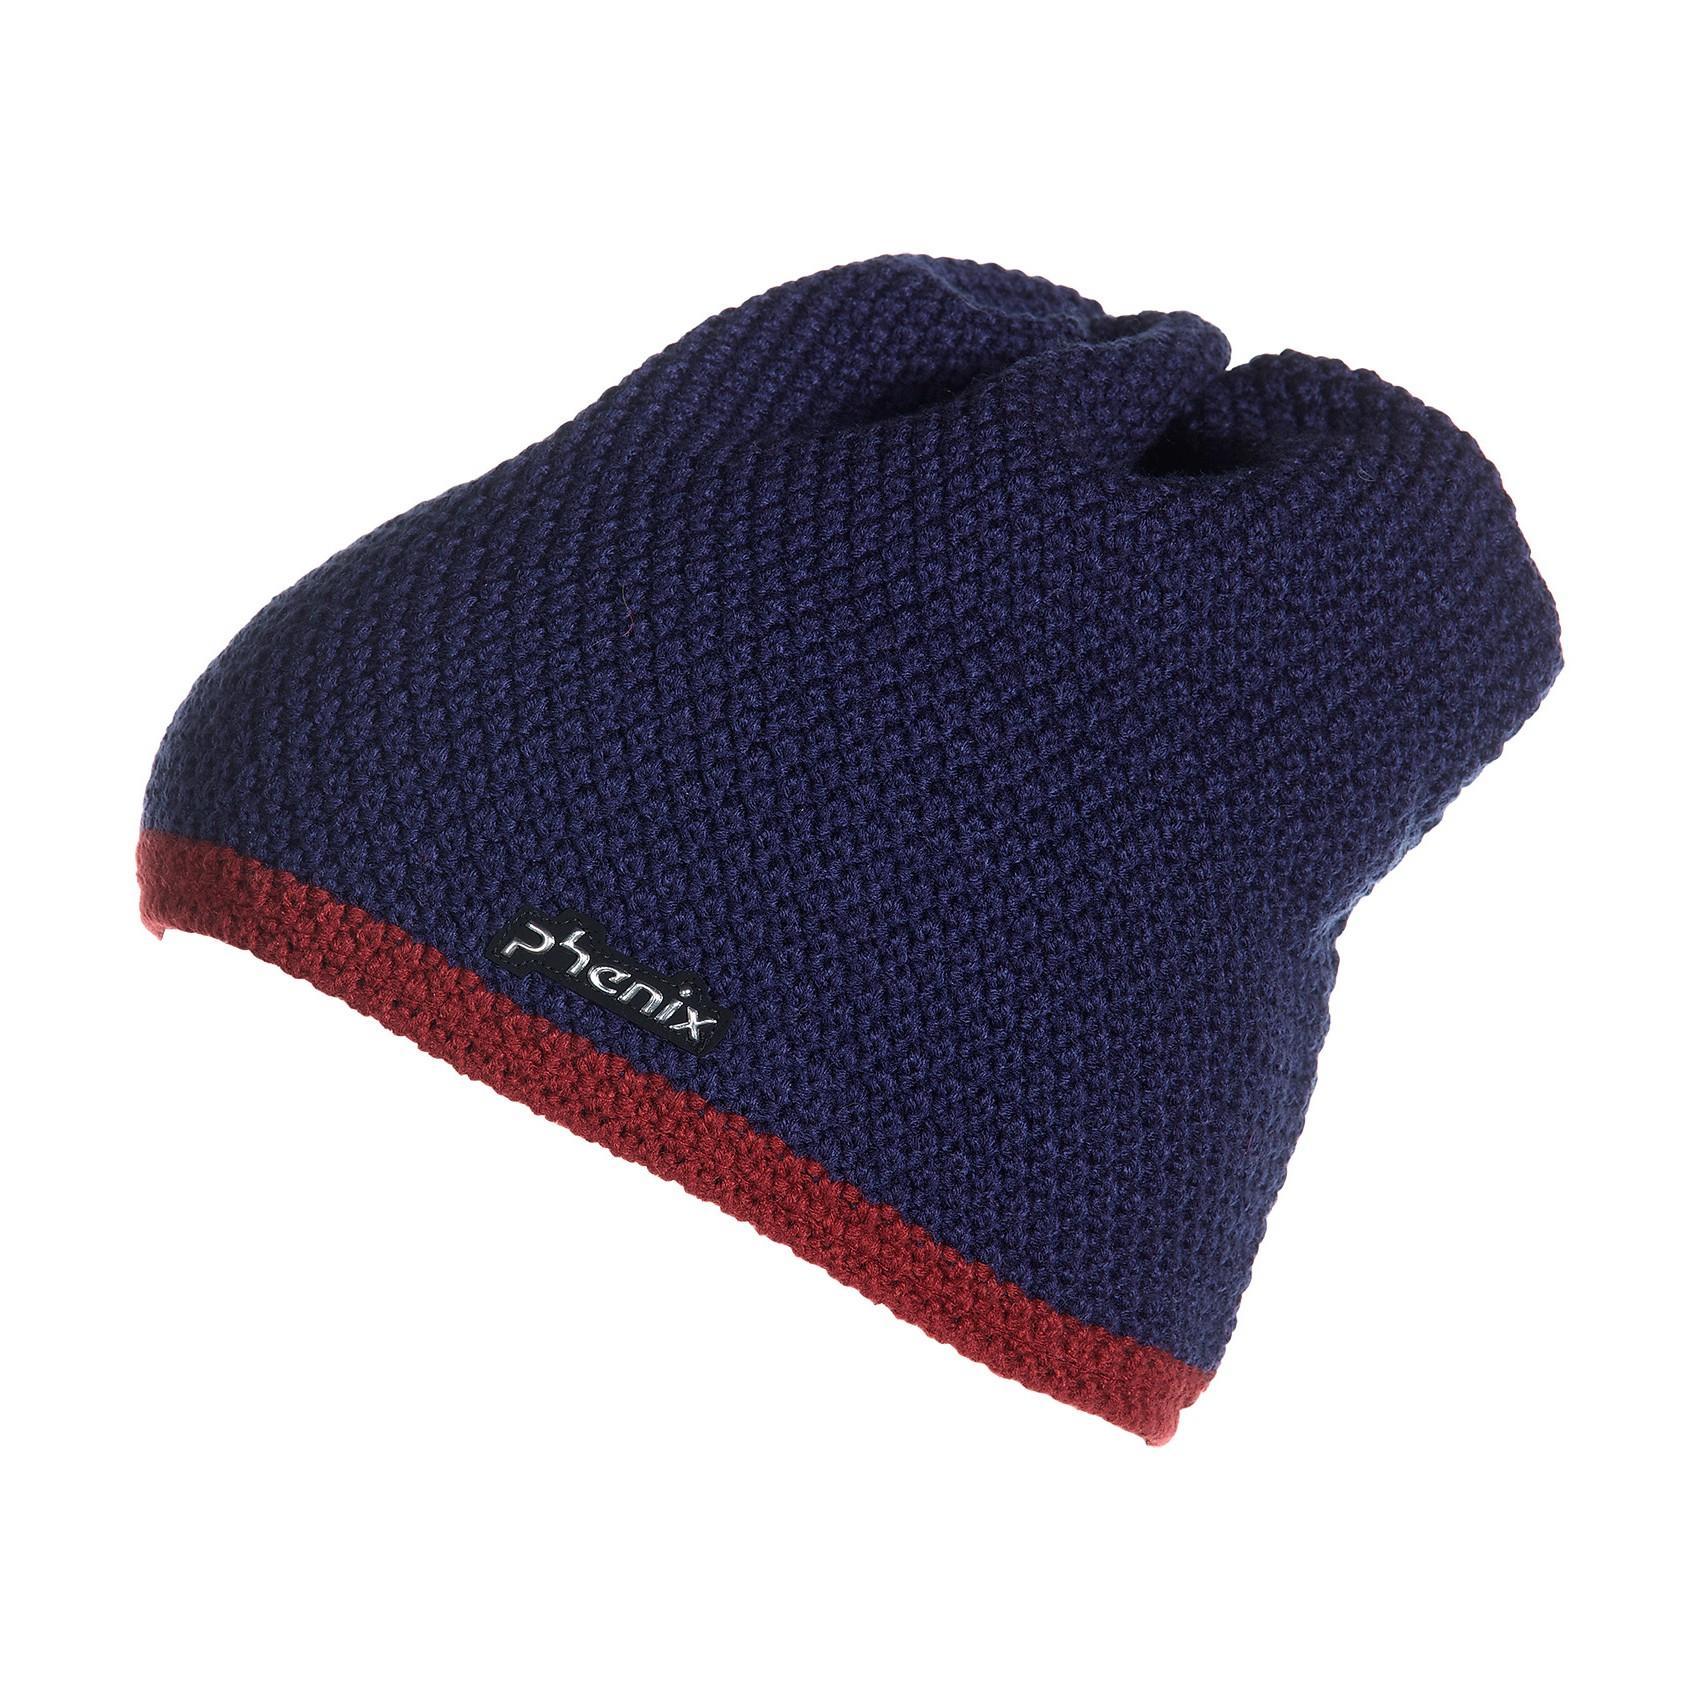 phenix norway alpine team knit hat ski accessories online